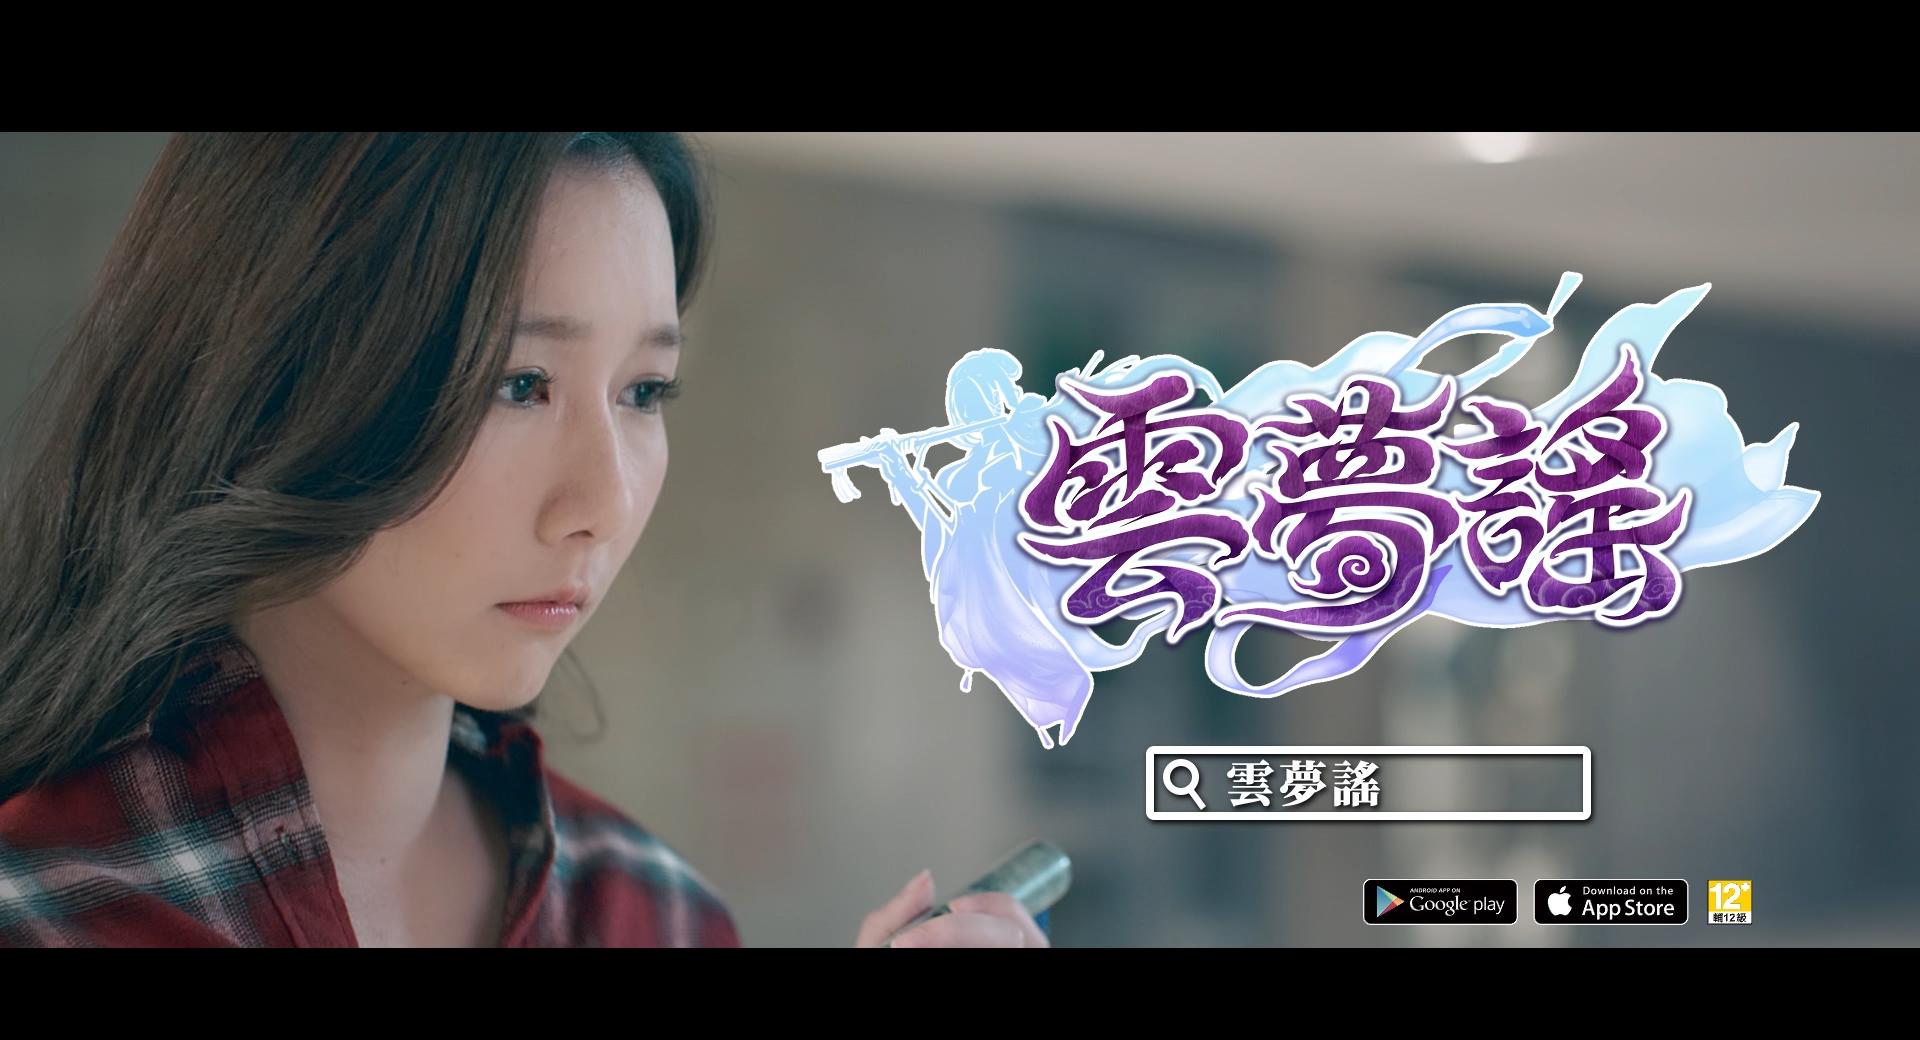 《雲夢謠》曝光唯美宣傳影片 同步釋出副本玩法介紹